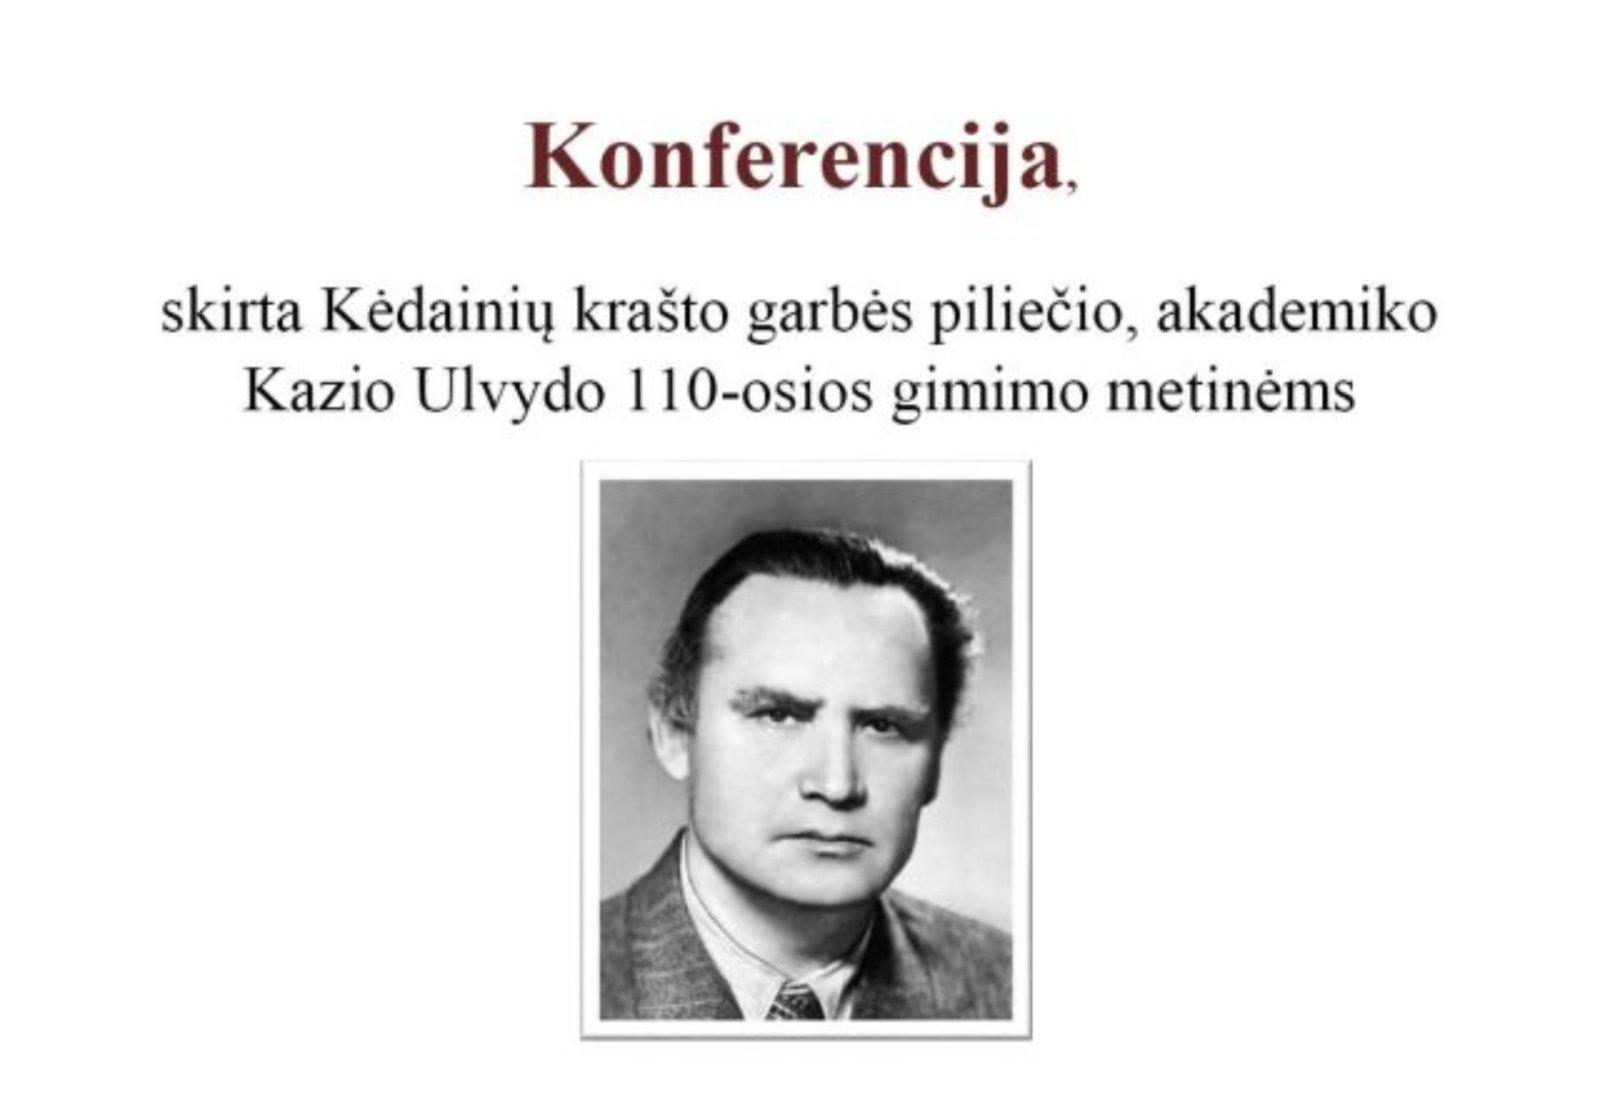 Bus paminėtos Kėdainių krašto garbės piliečio, akademiko, kalbininko Kazio Ulvydo 110-osios gimimo metinės